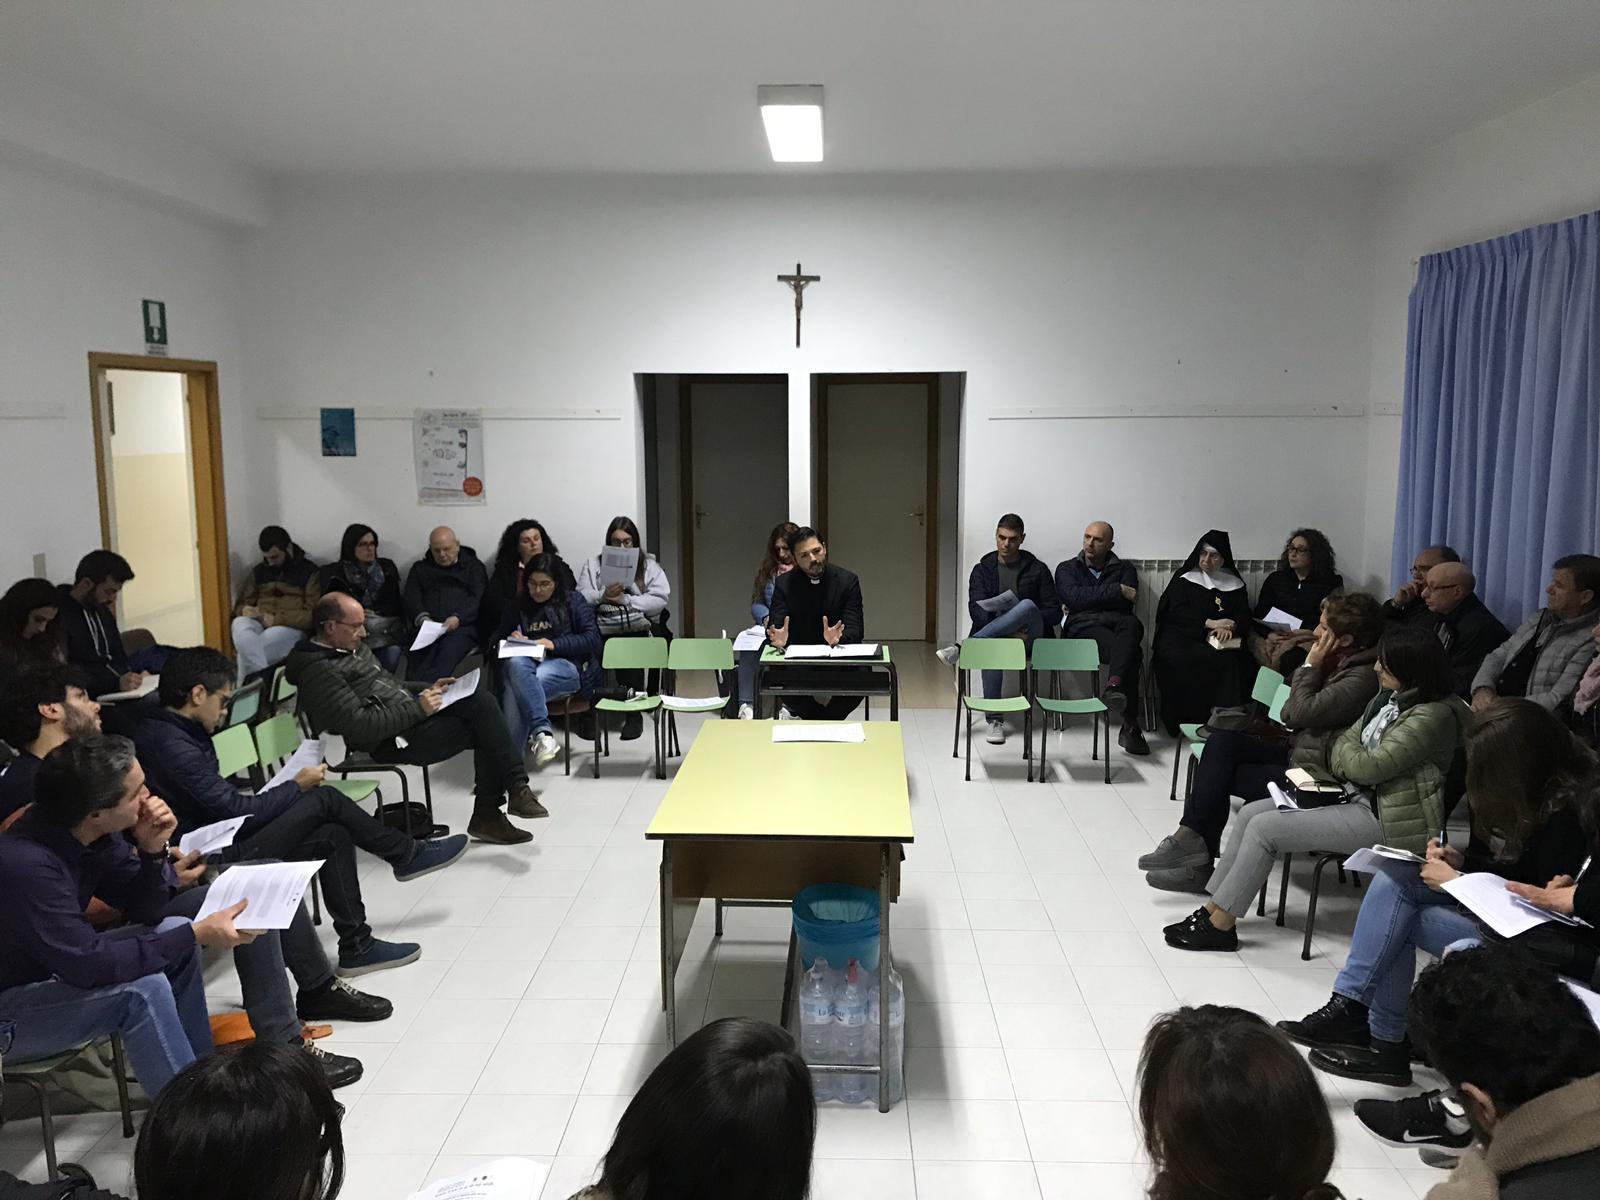 Modica, Caritas e Monache Benedettine: continua la lectio divina all'Istituto San Benedetto